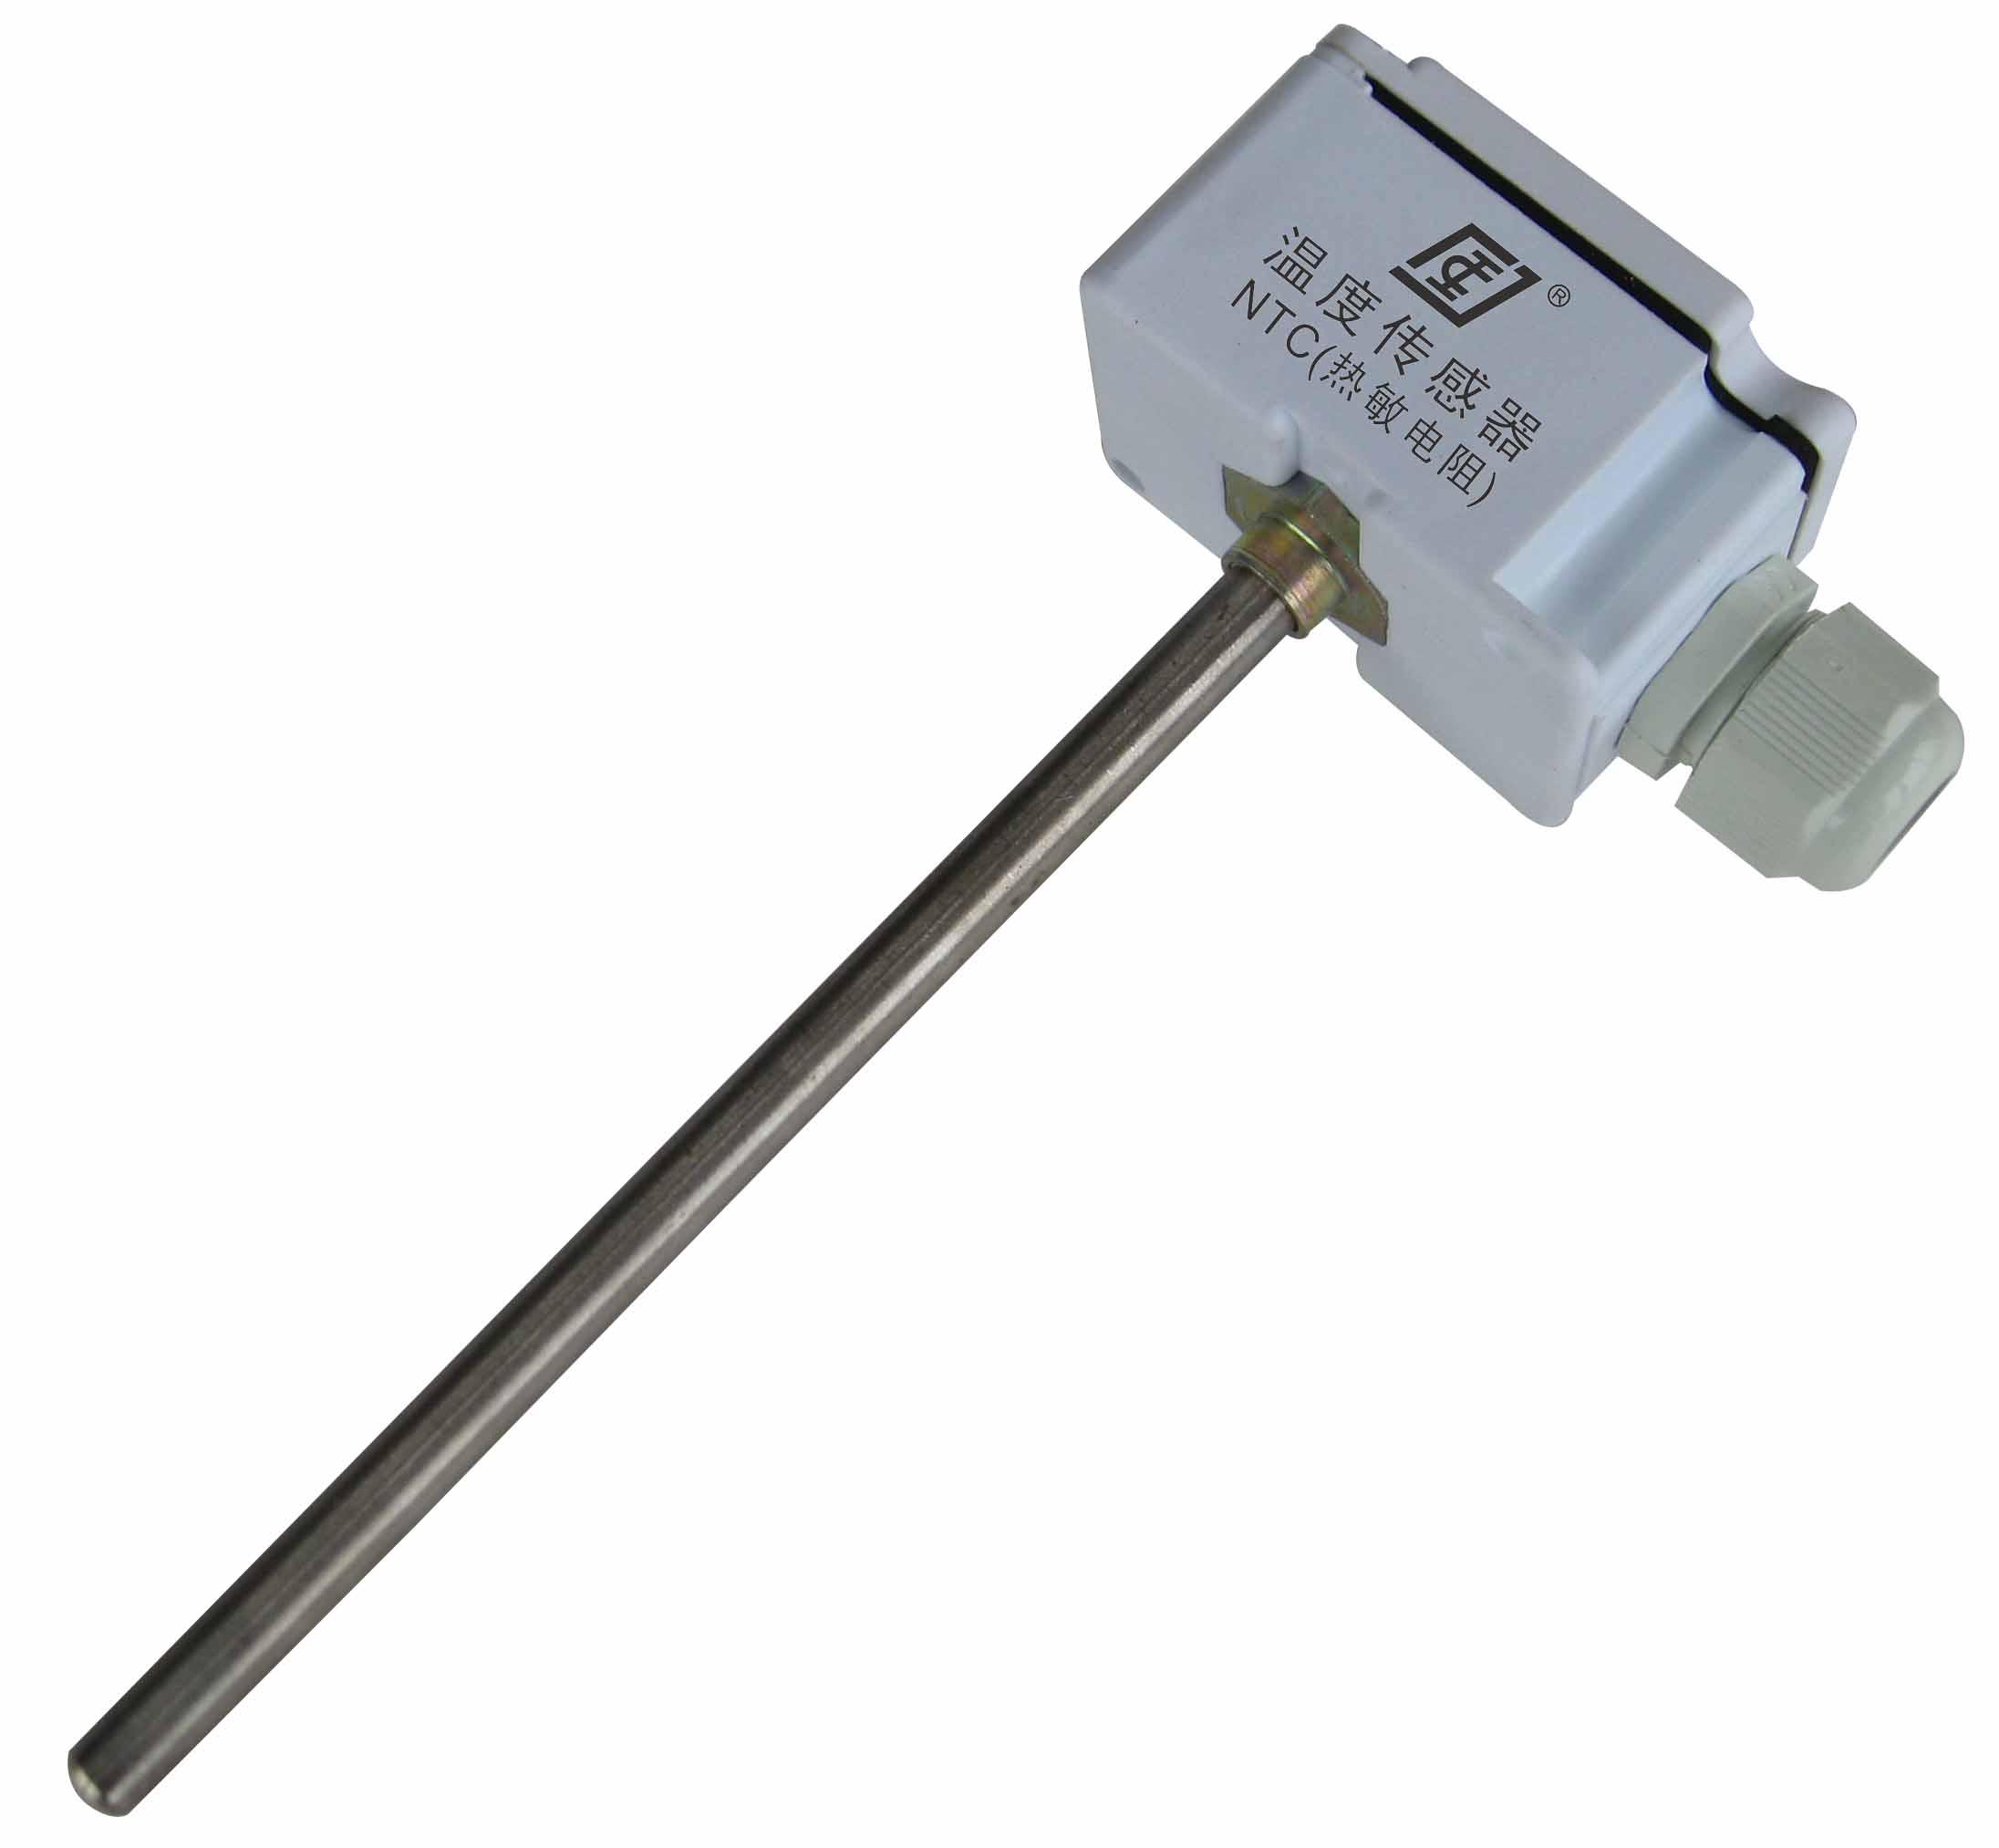 比例积分调节阀 ZLTS-9104温度传感器